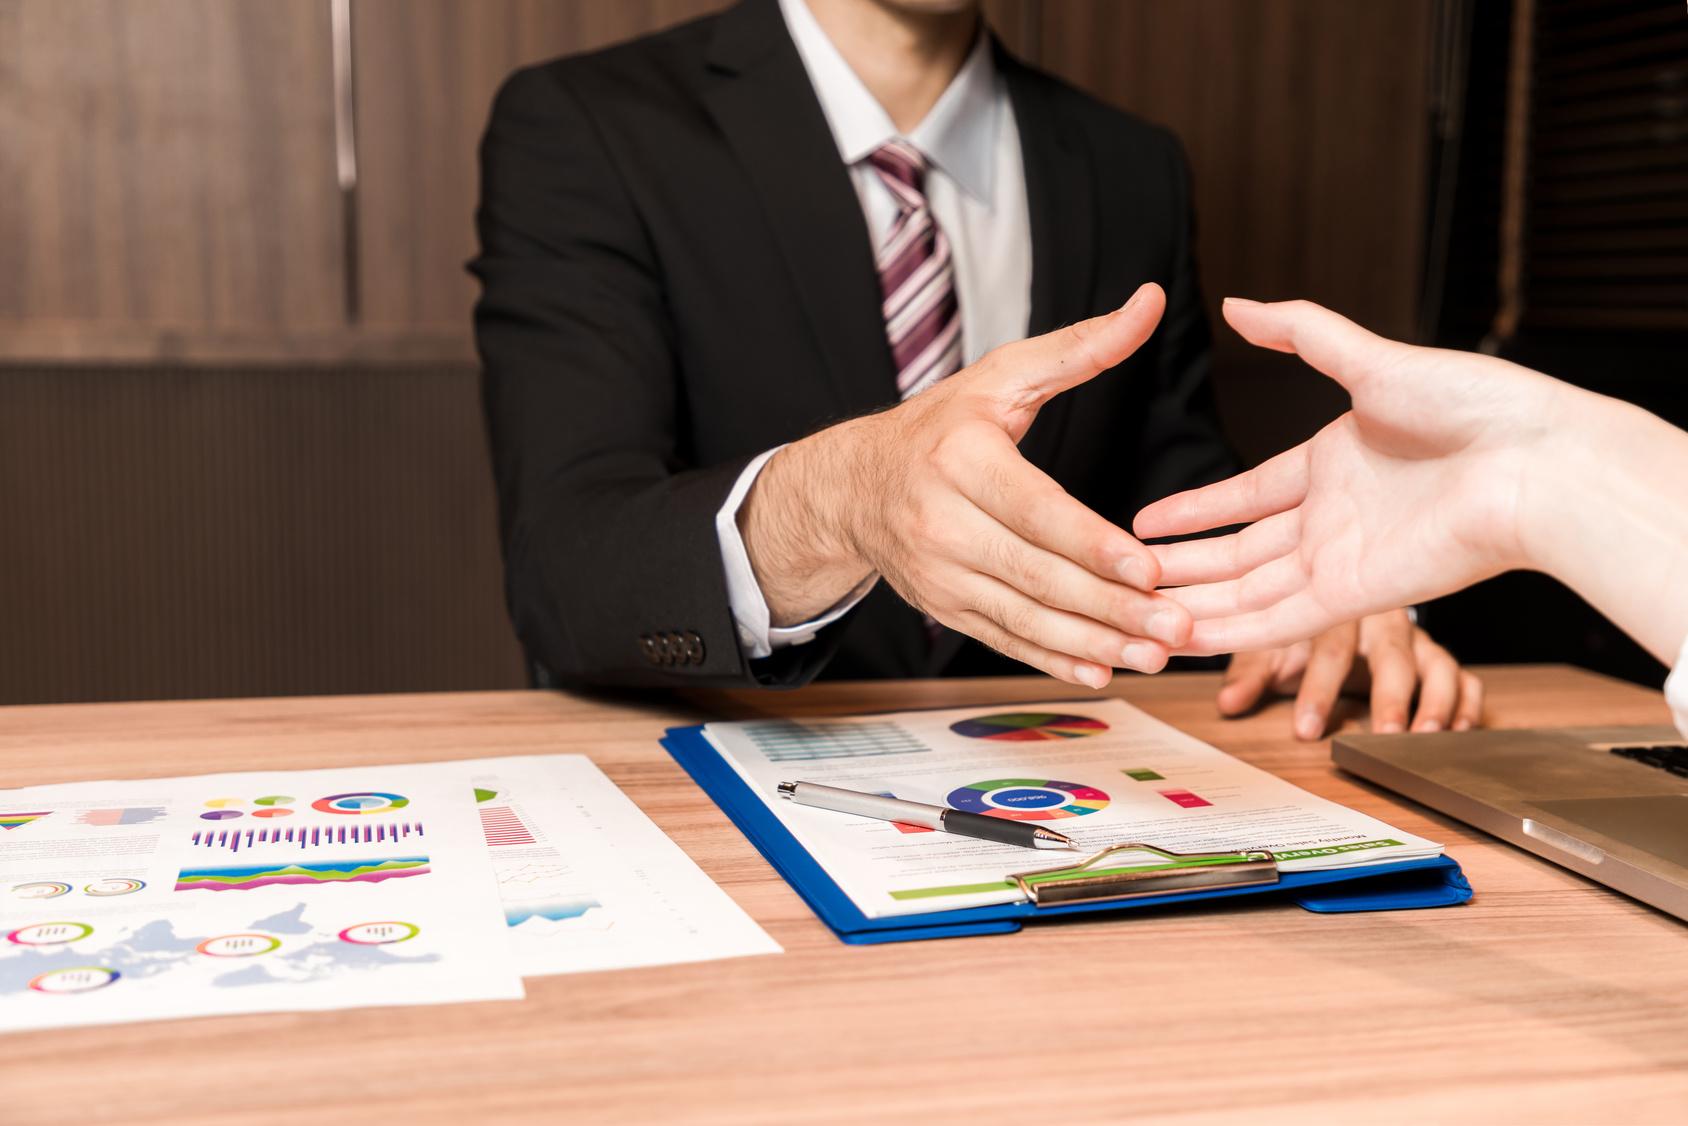 Collaborer avec un courtier en crédit : les avantages